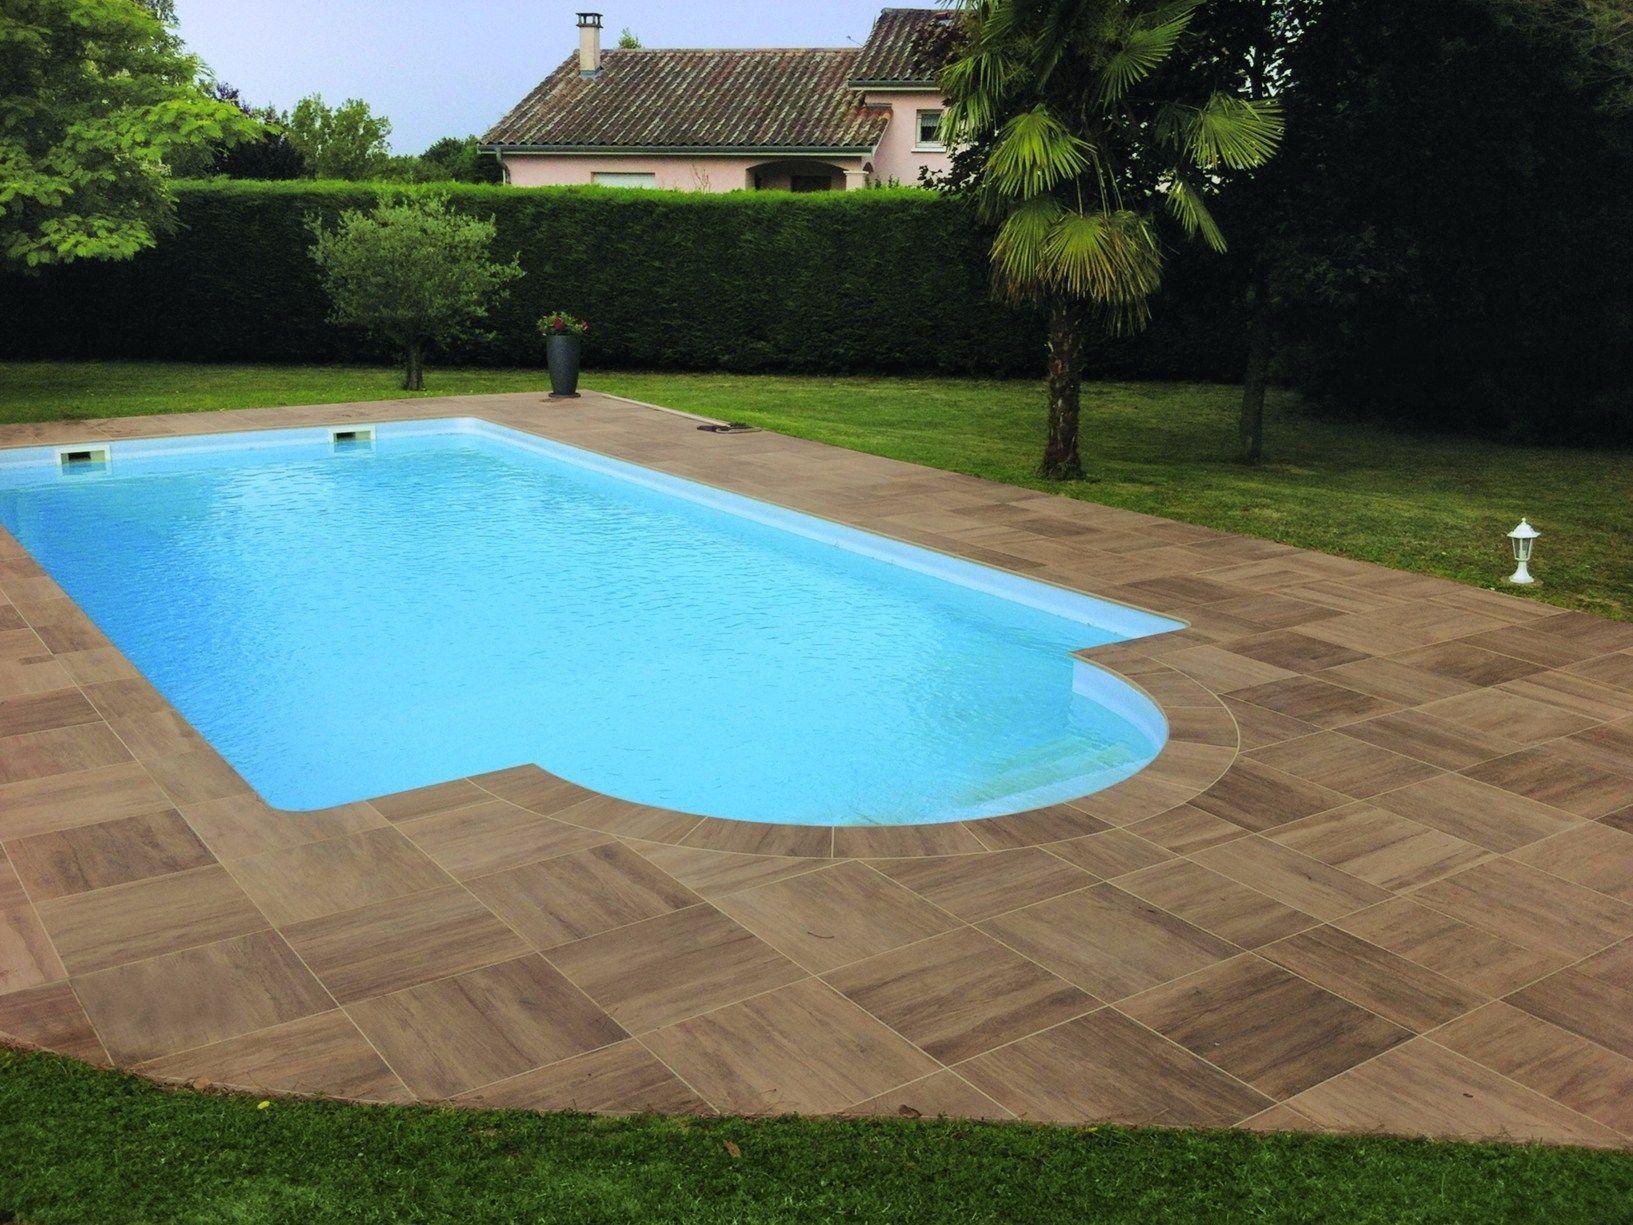 pavimenti spessorati per piscine e aree benessere